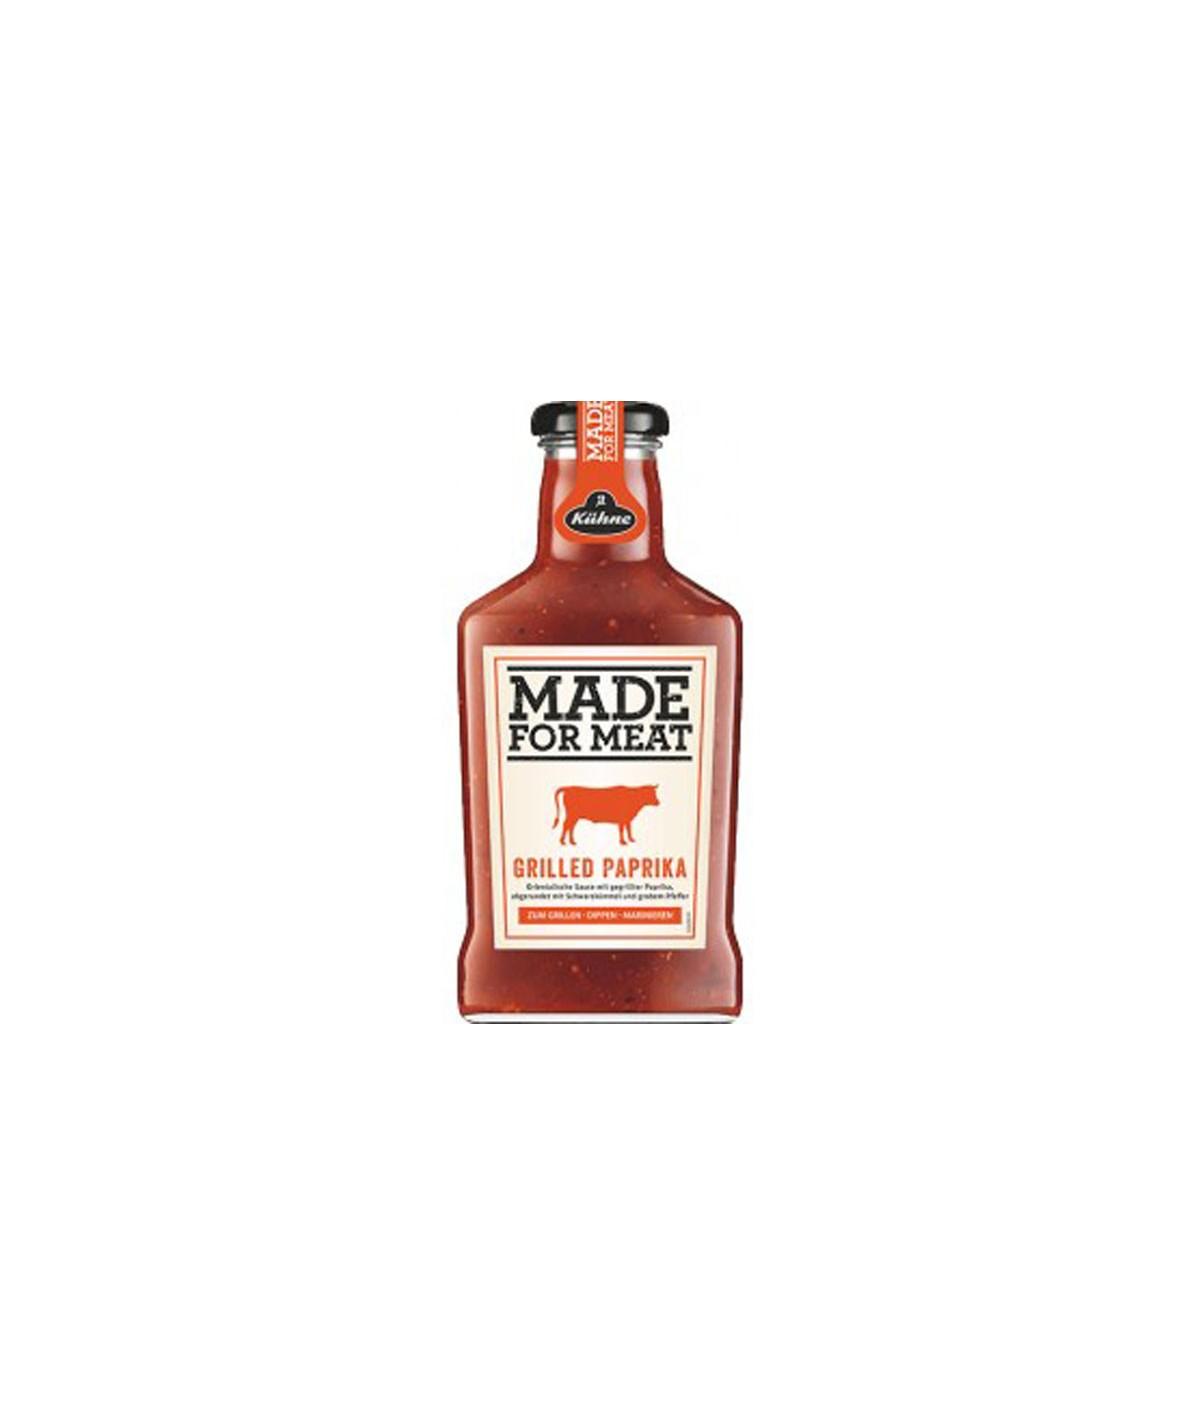 Sauce Grilled Paprika Kühne 375 ml